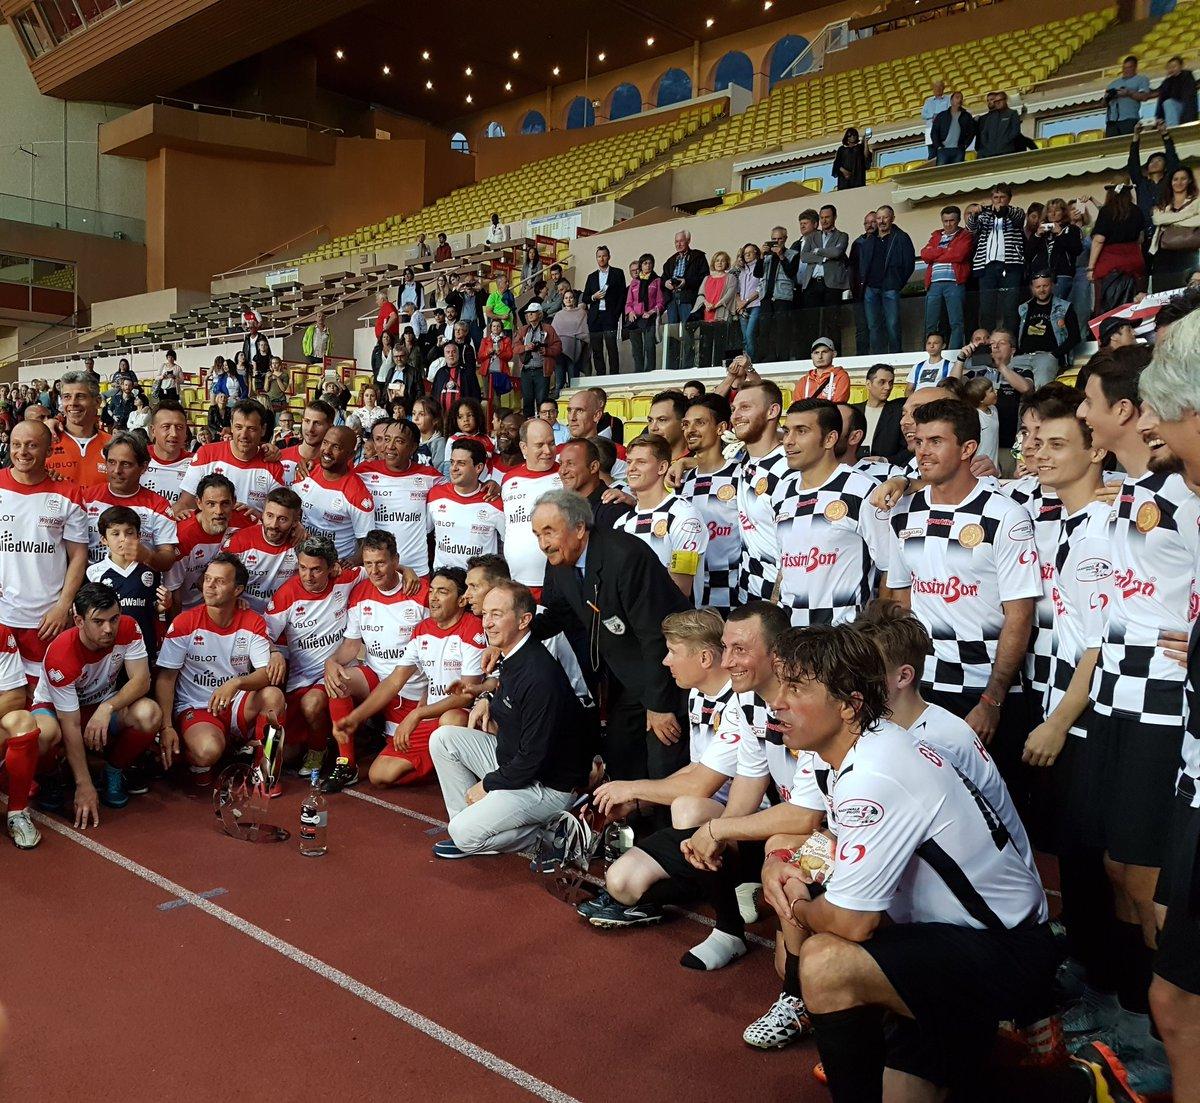 Сборная гонщиков проиграла команде звезд в футбольном матче в Монако